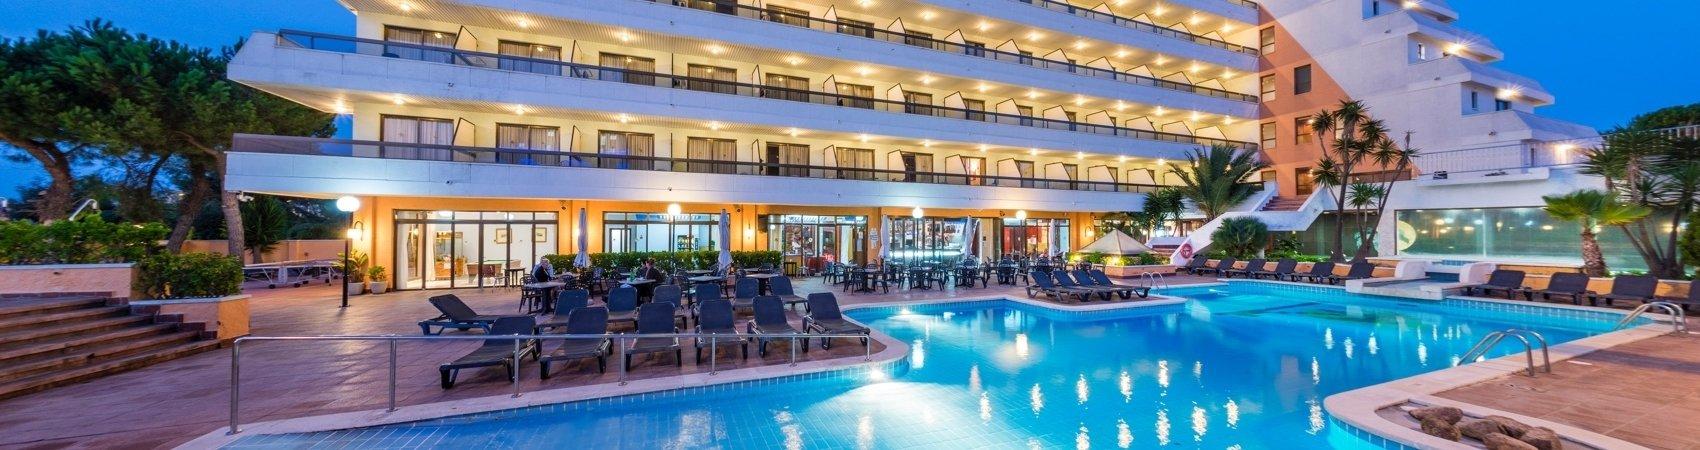 Hotel Tropic Park **** - Tour